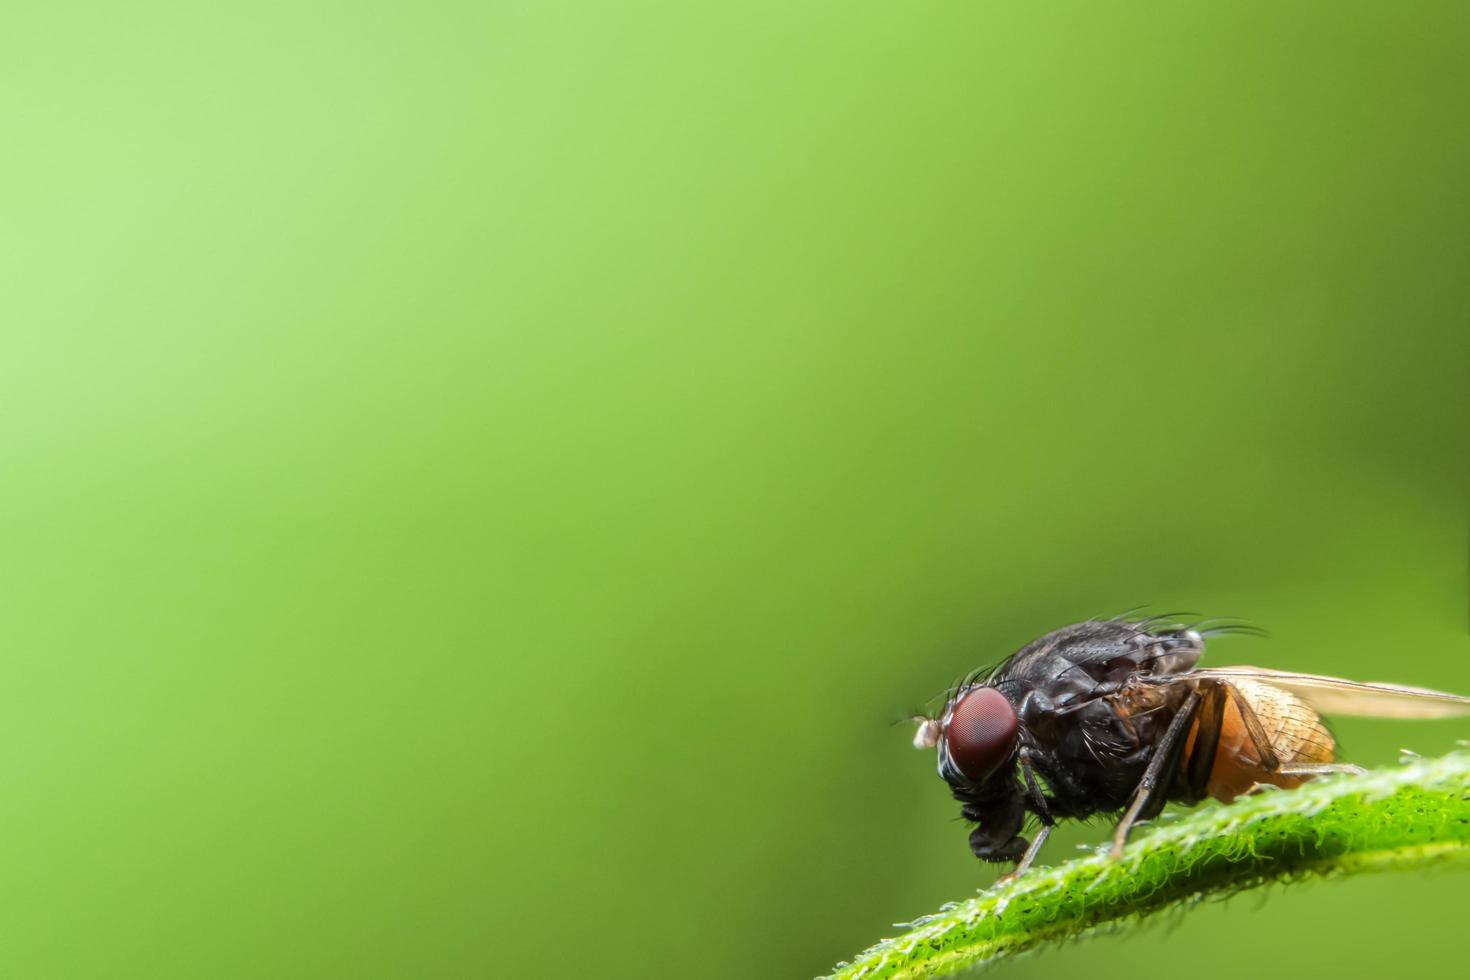 Close up of Drosophila on leaf photo